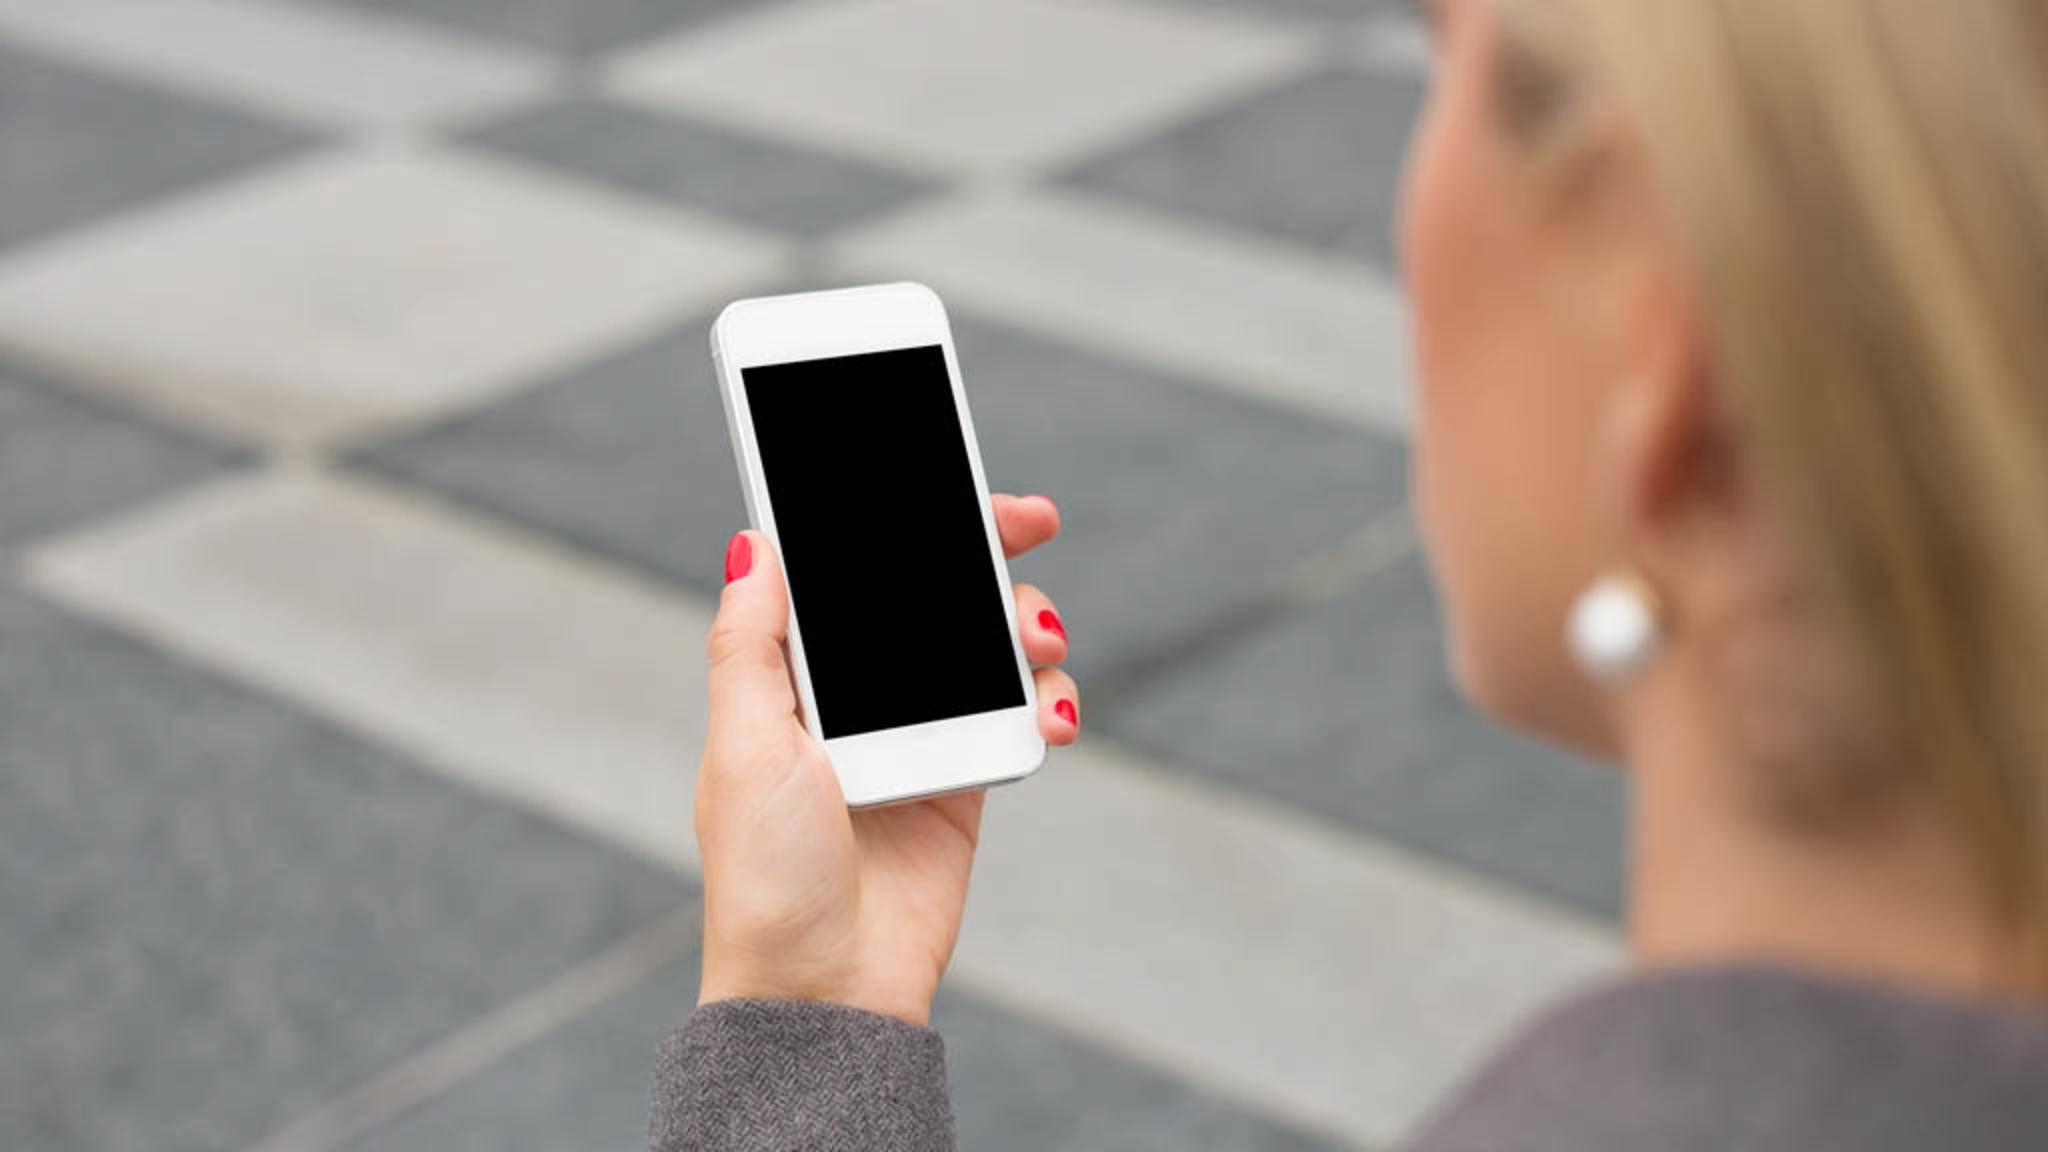 An vielen öffentlichen Orten bleibt das Smartphone besser stumm.